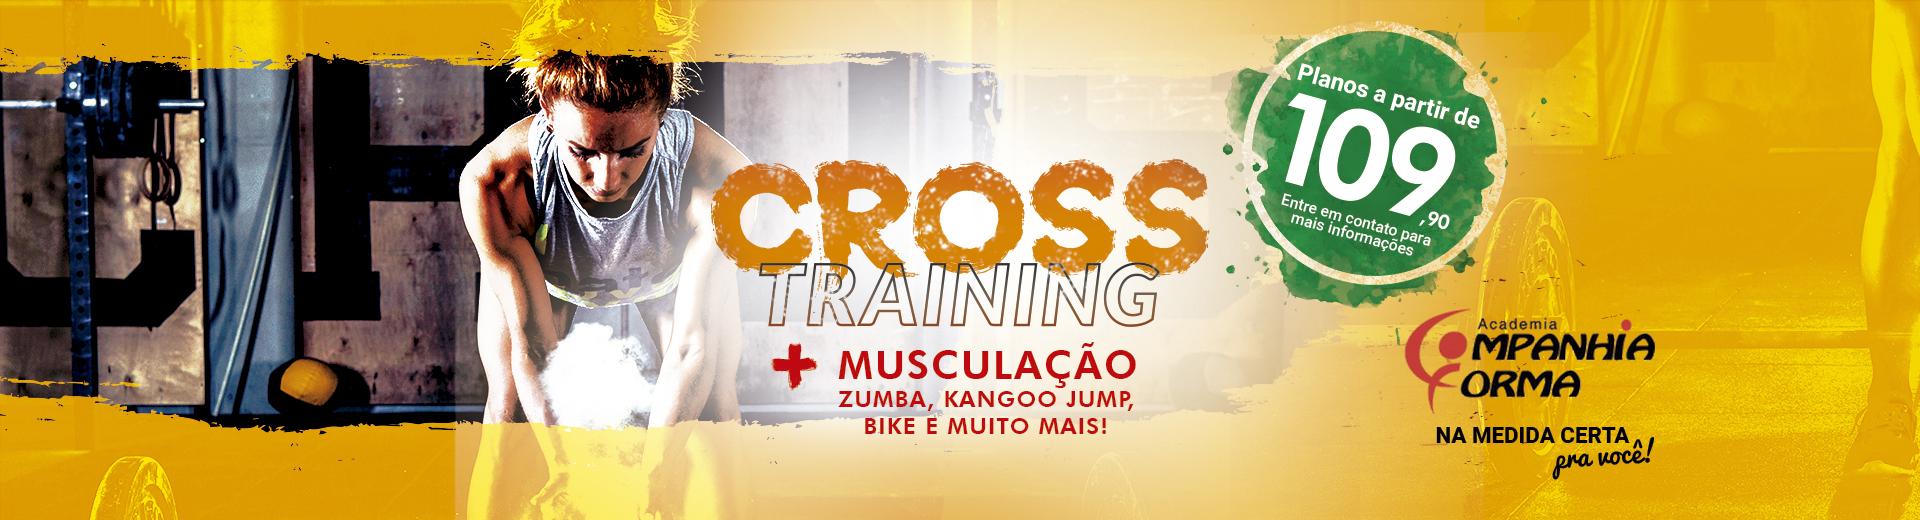 Cross Training Banner